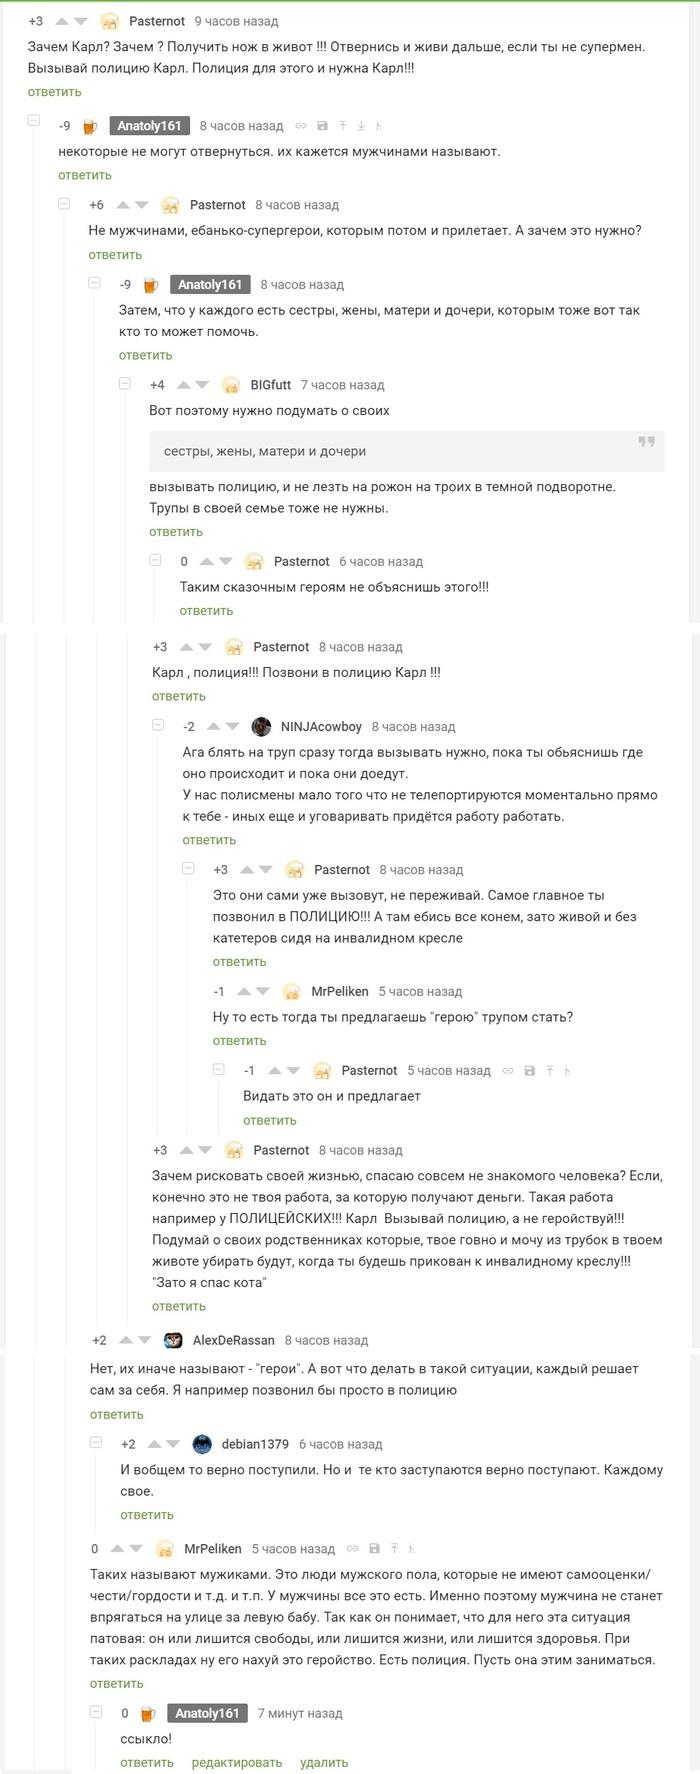 Герой или лошара? Люди, Длиннопост, Мнение, Скриншот, Комментарии на Пикабу